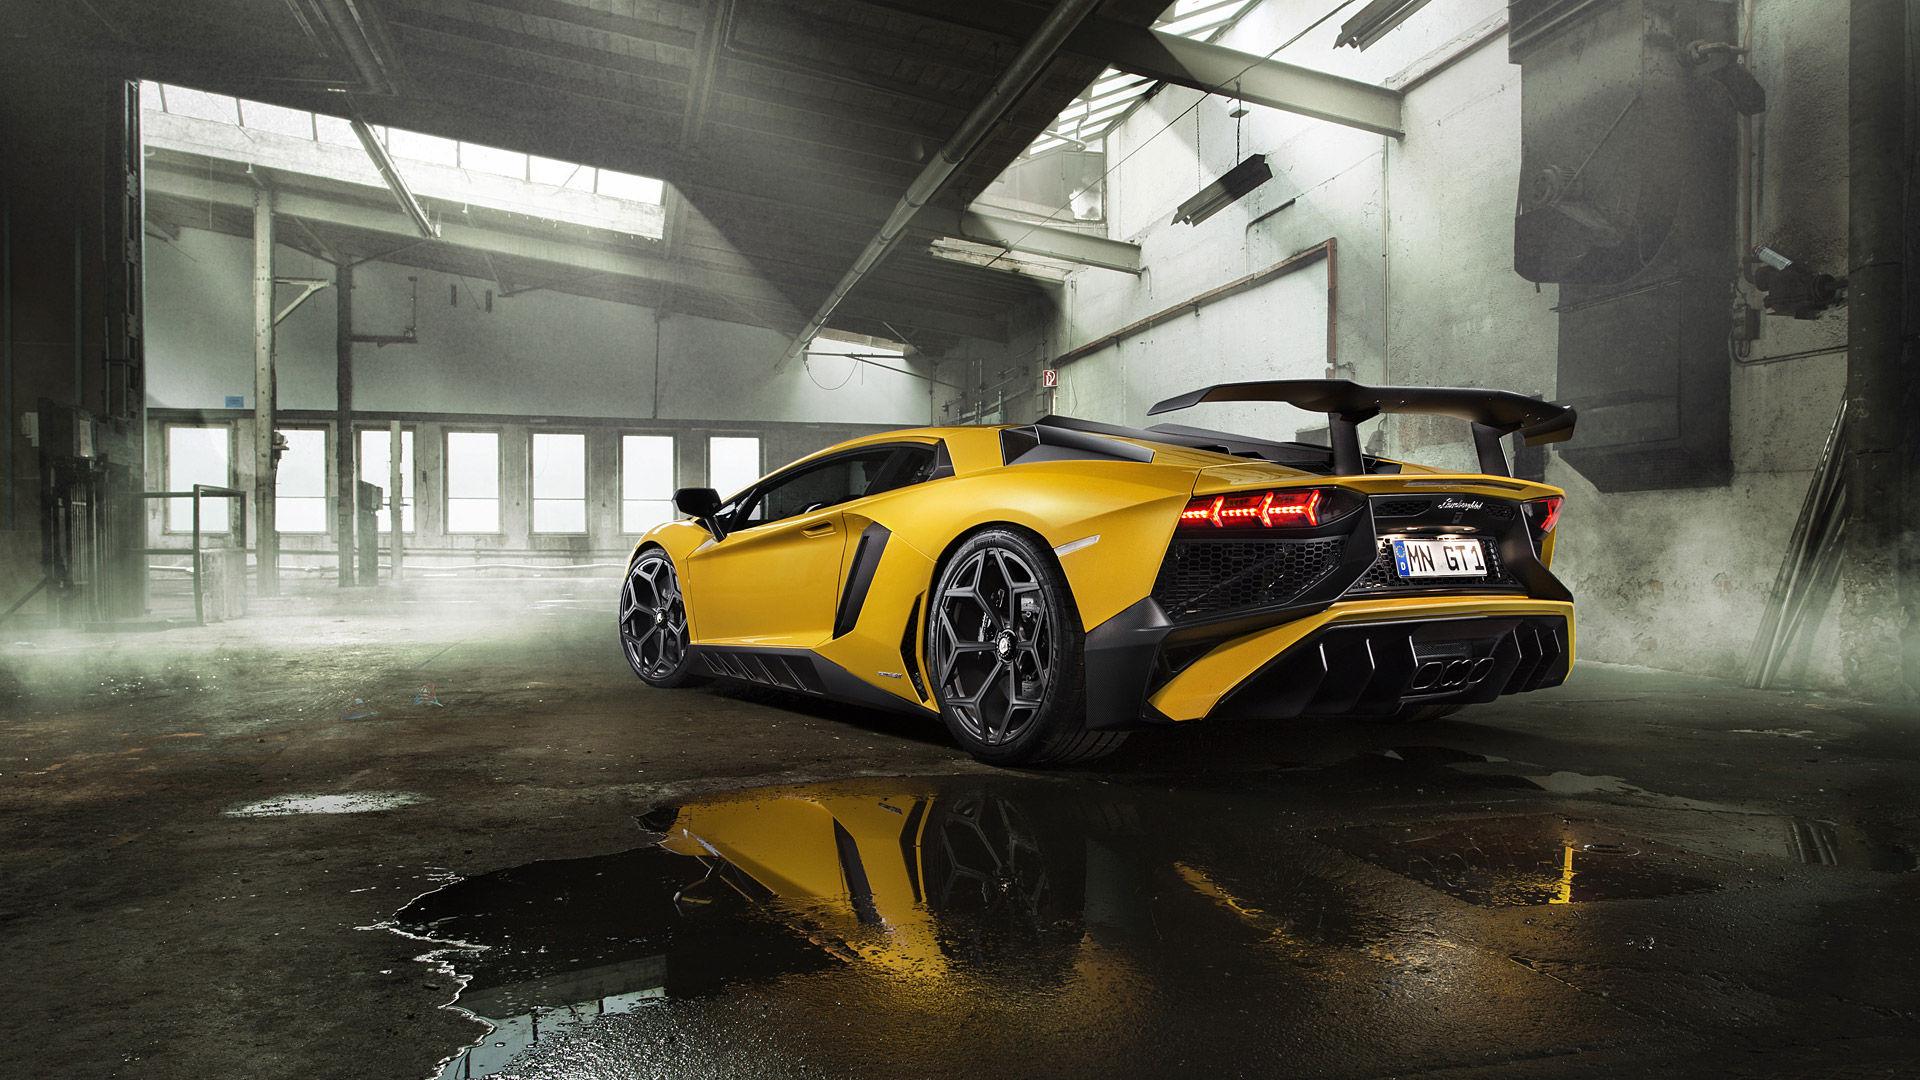 2016 Novitec Torado Lamborghini Aventador SV